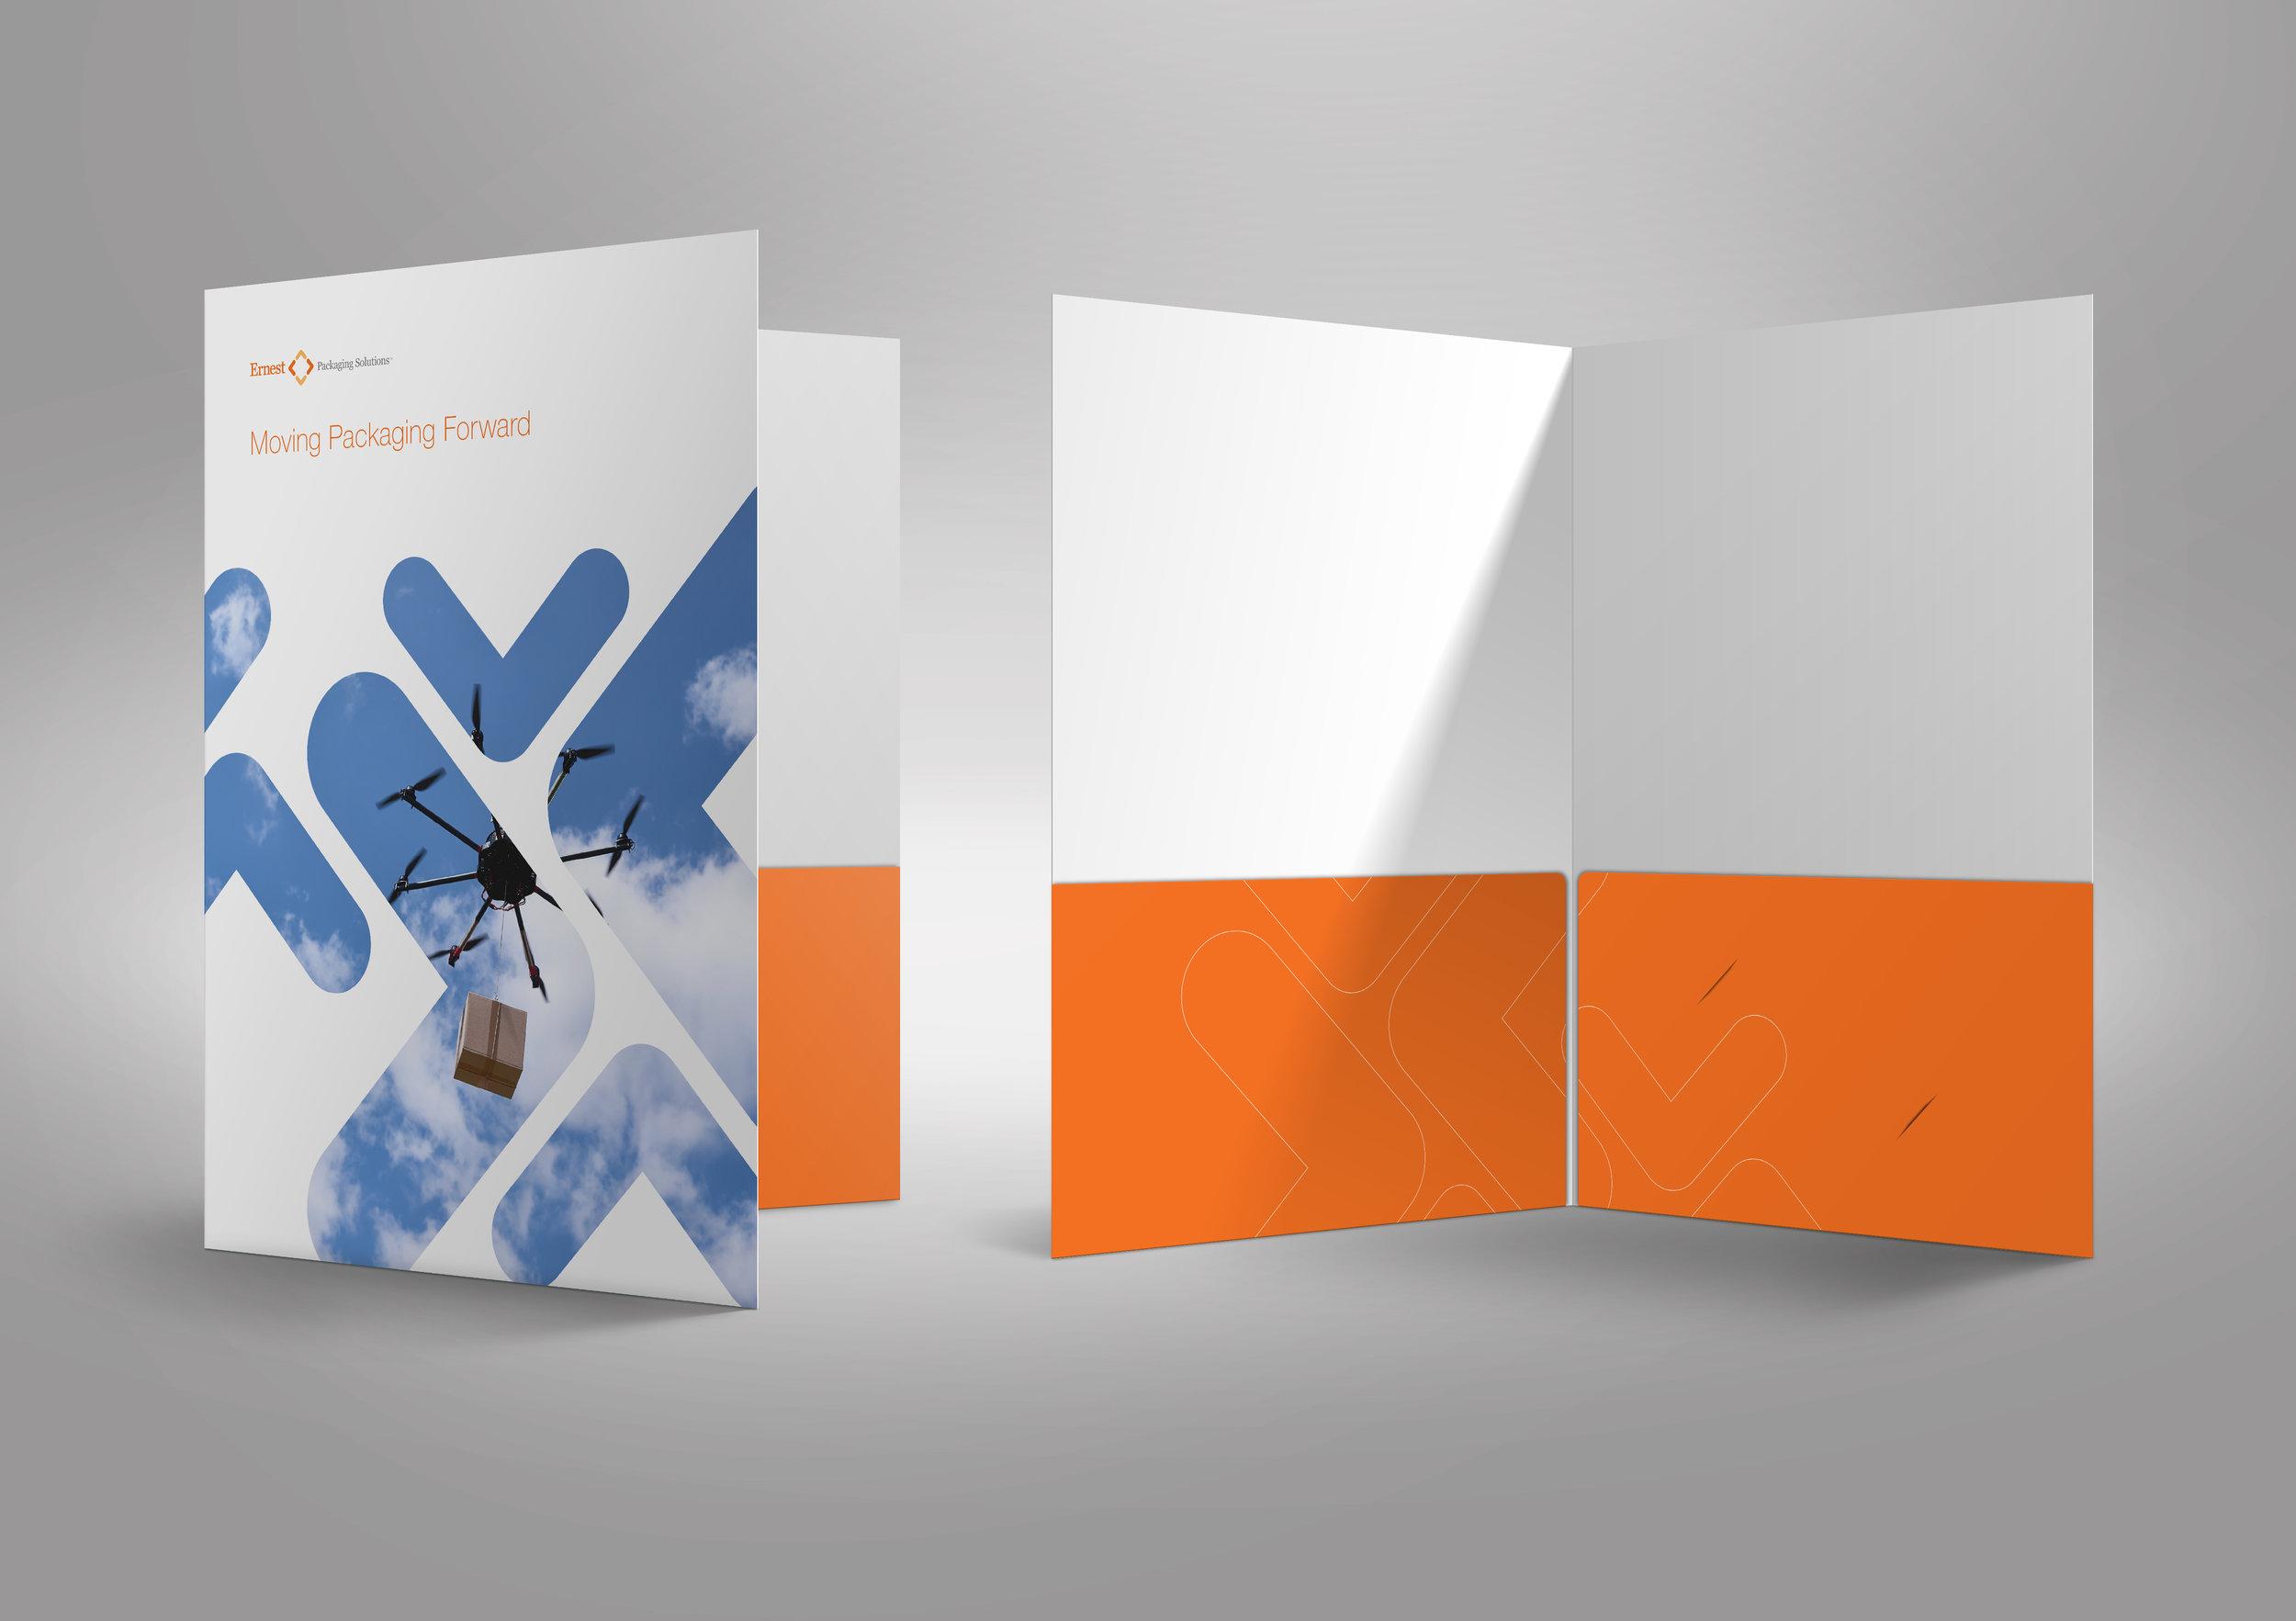 EPS-Presentation_Folder_Mockup_v1.jpg